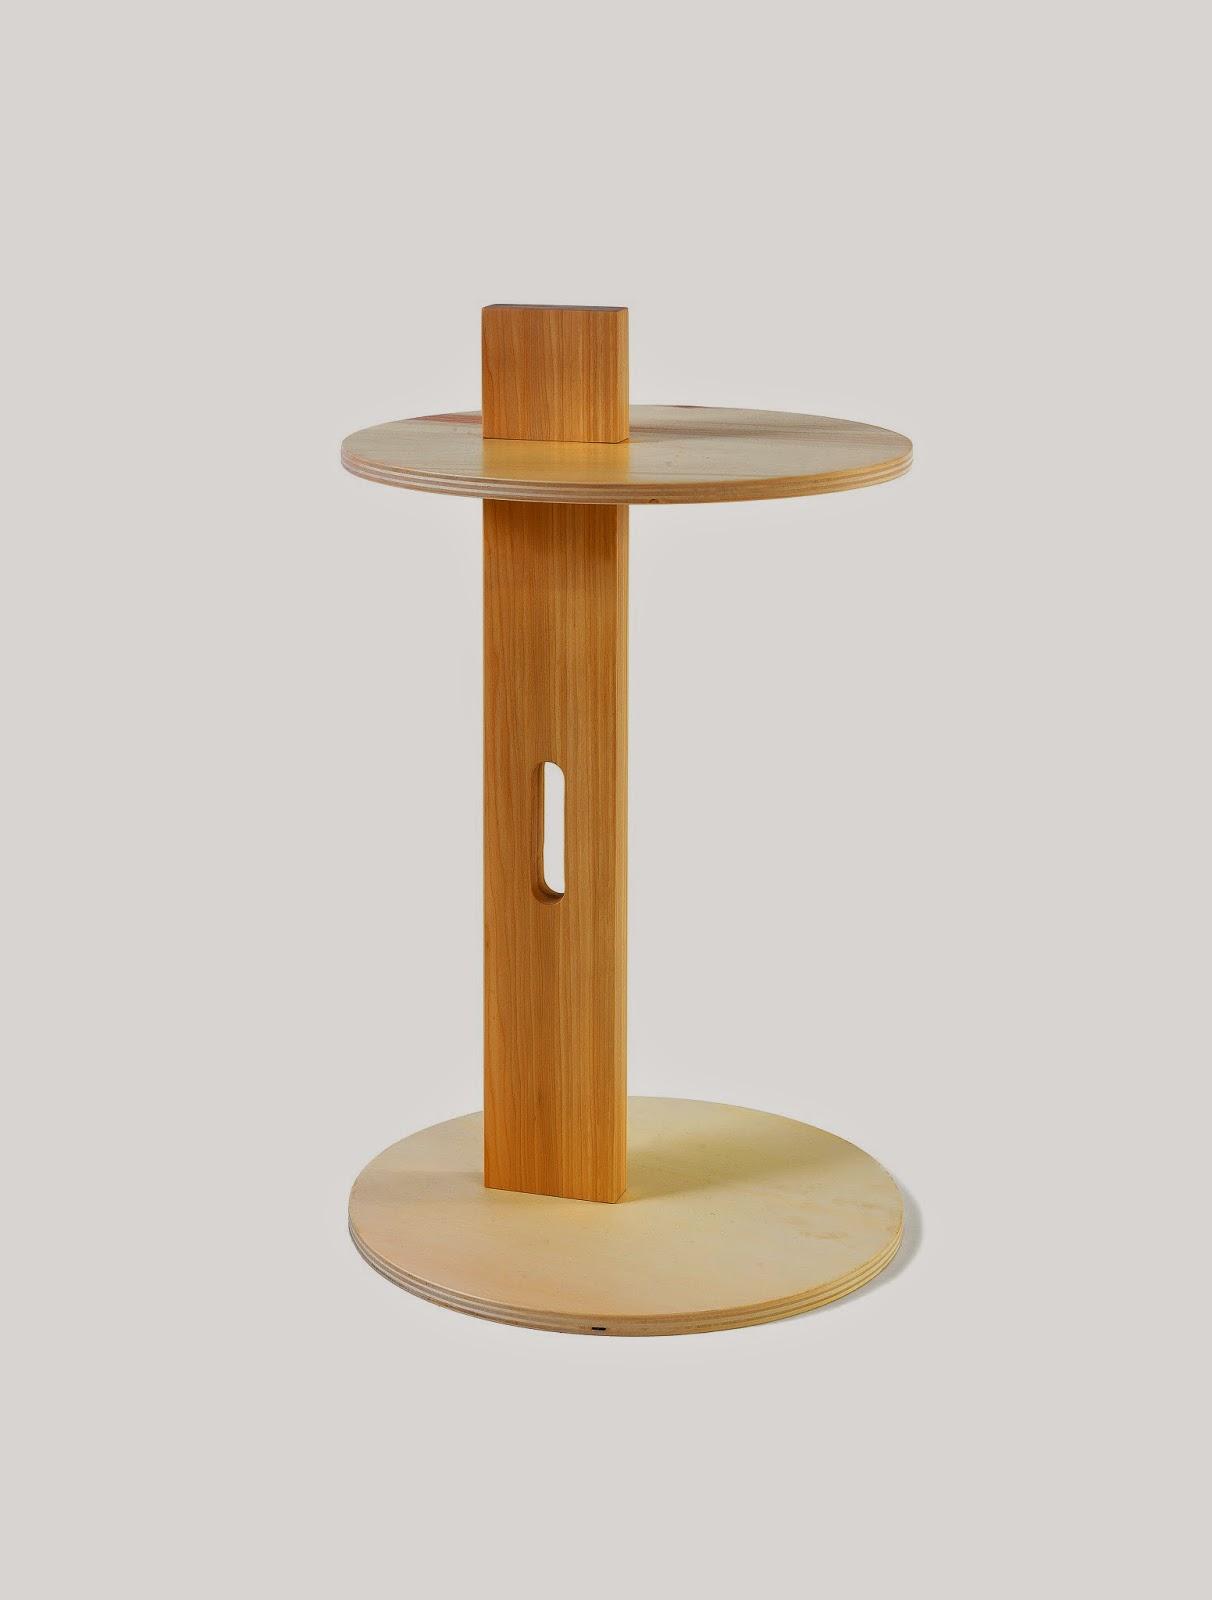 http://www.cabbdesign.com/it/arredamento-moderno/13-tavolino-rotondo-in-legno-eileen.html